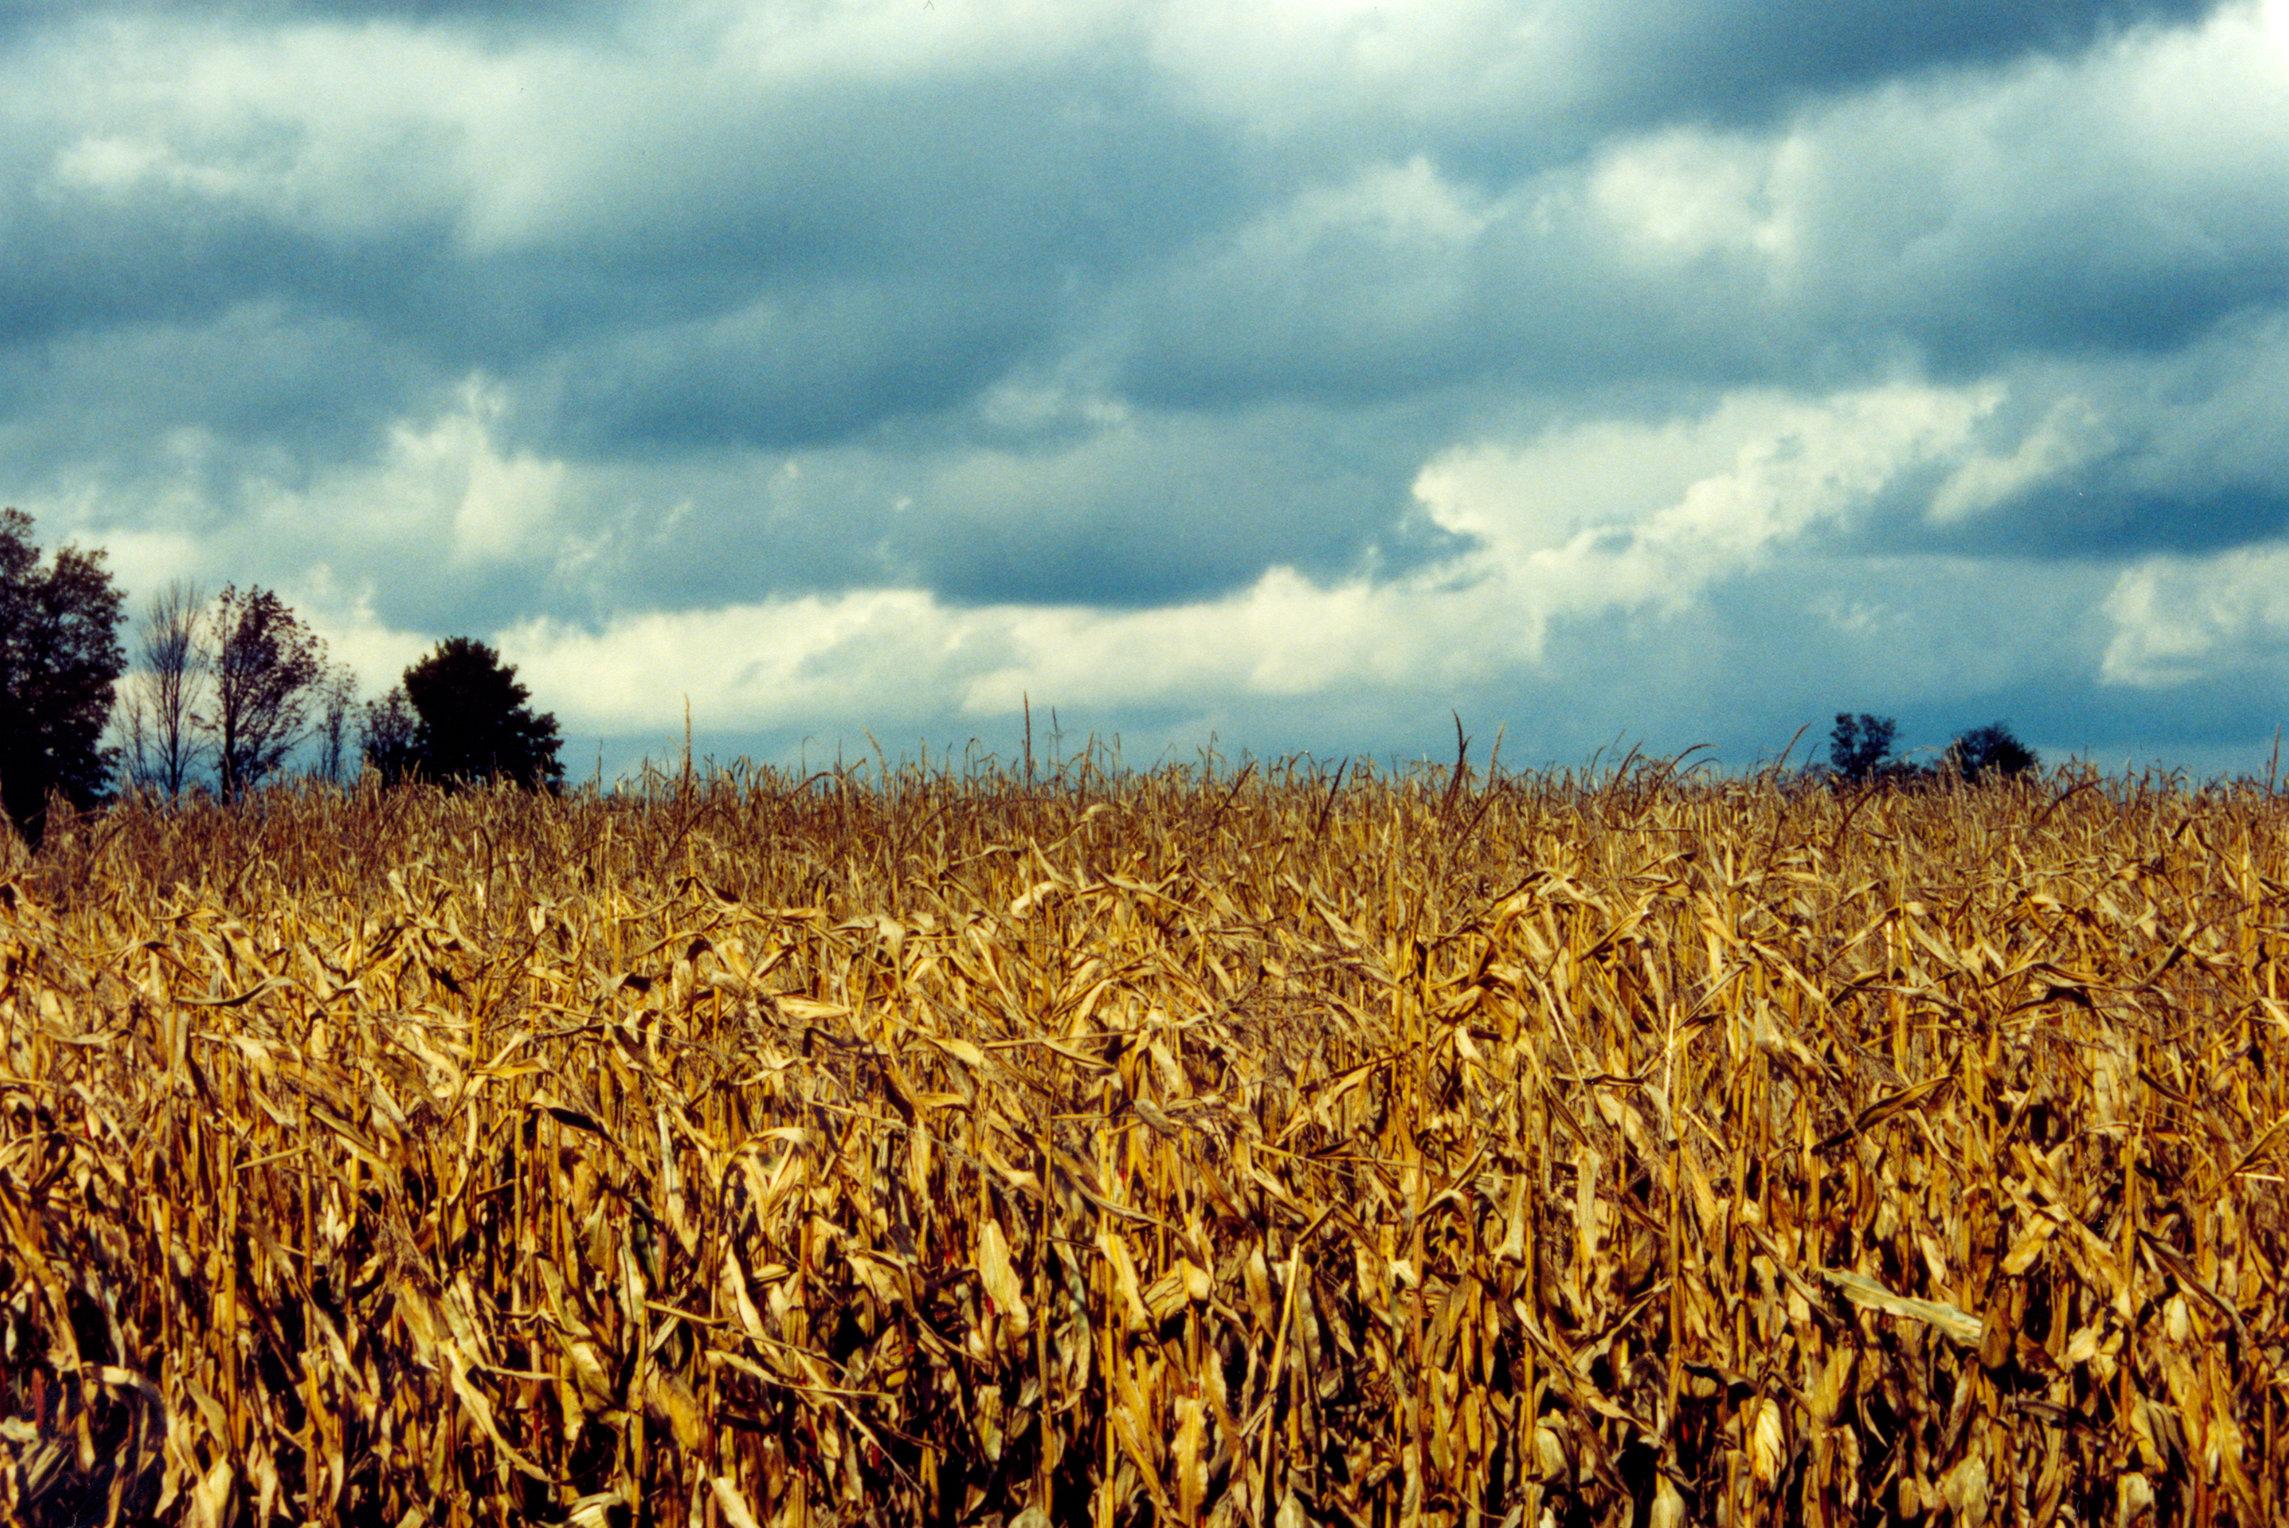 Corn Field in Autum by Nystagmuz-stock on DeviantArt